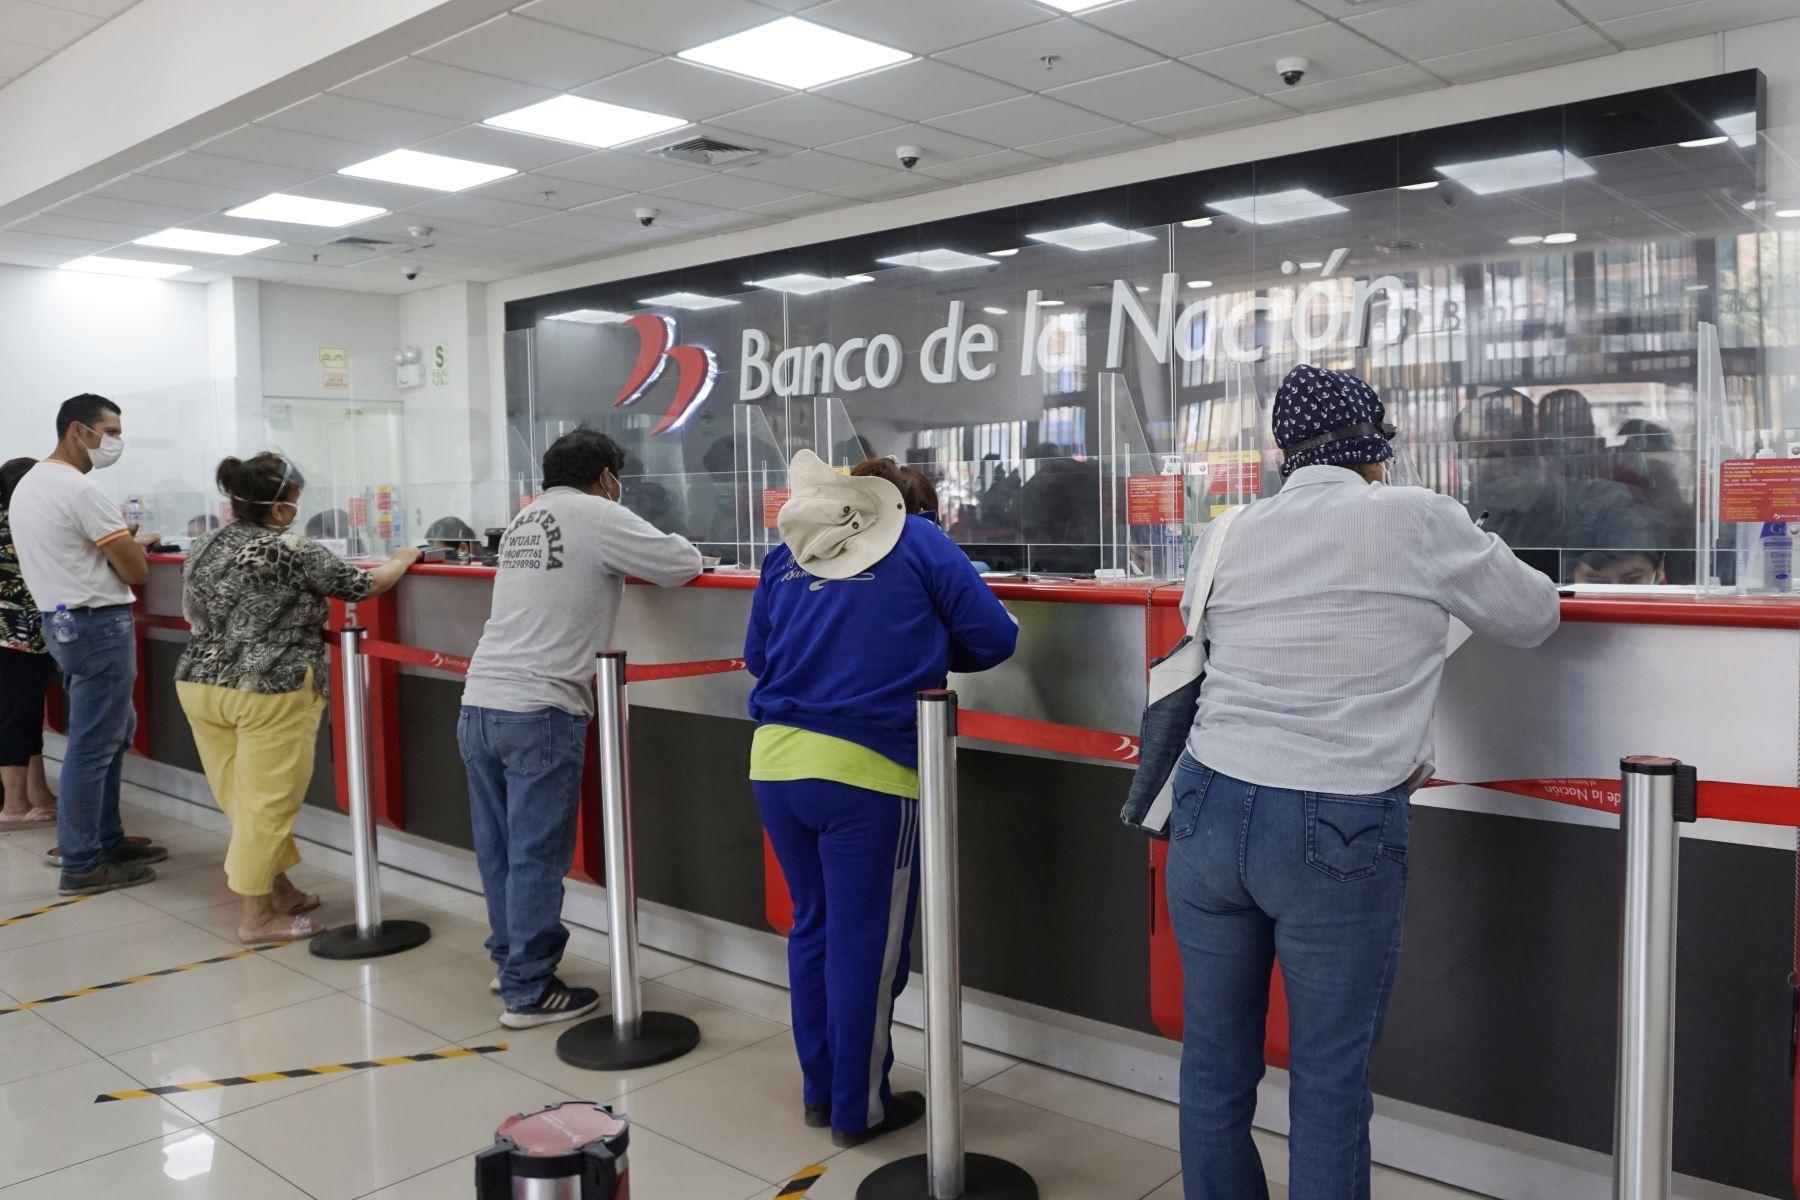 La campaña Agencias Libres del Banco de la Nación busca orientar a todos los beneficiarios del Bono 600 para que ubiquen los locales más cercanos y con menor afluencia de público visitando la página web. Foto: Banco de la Nación